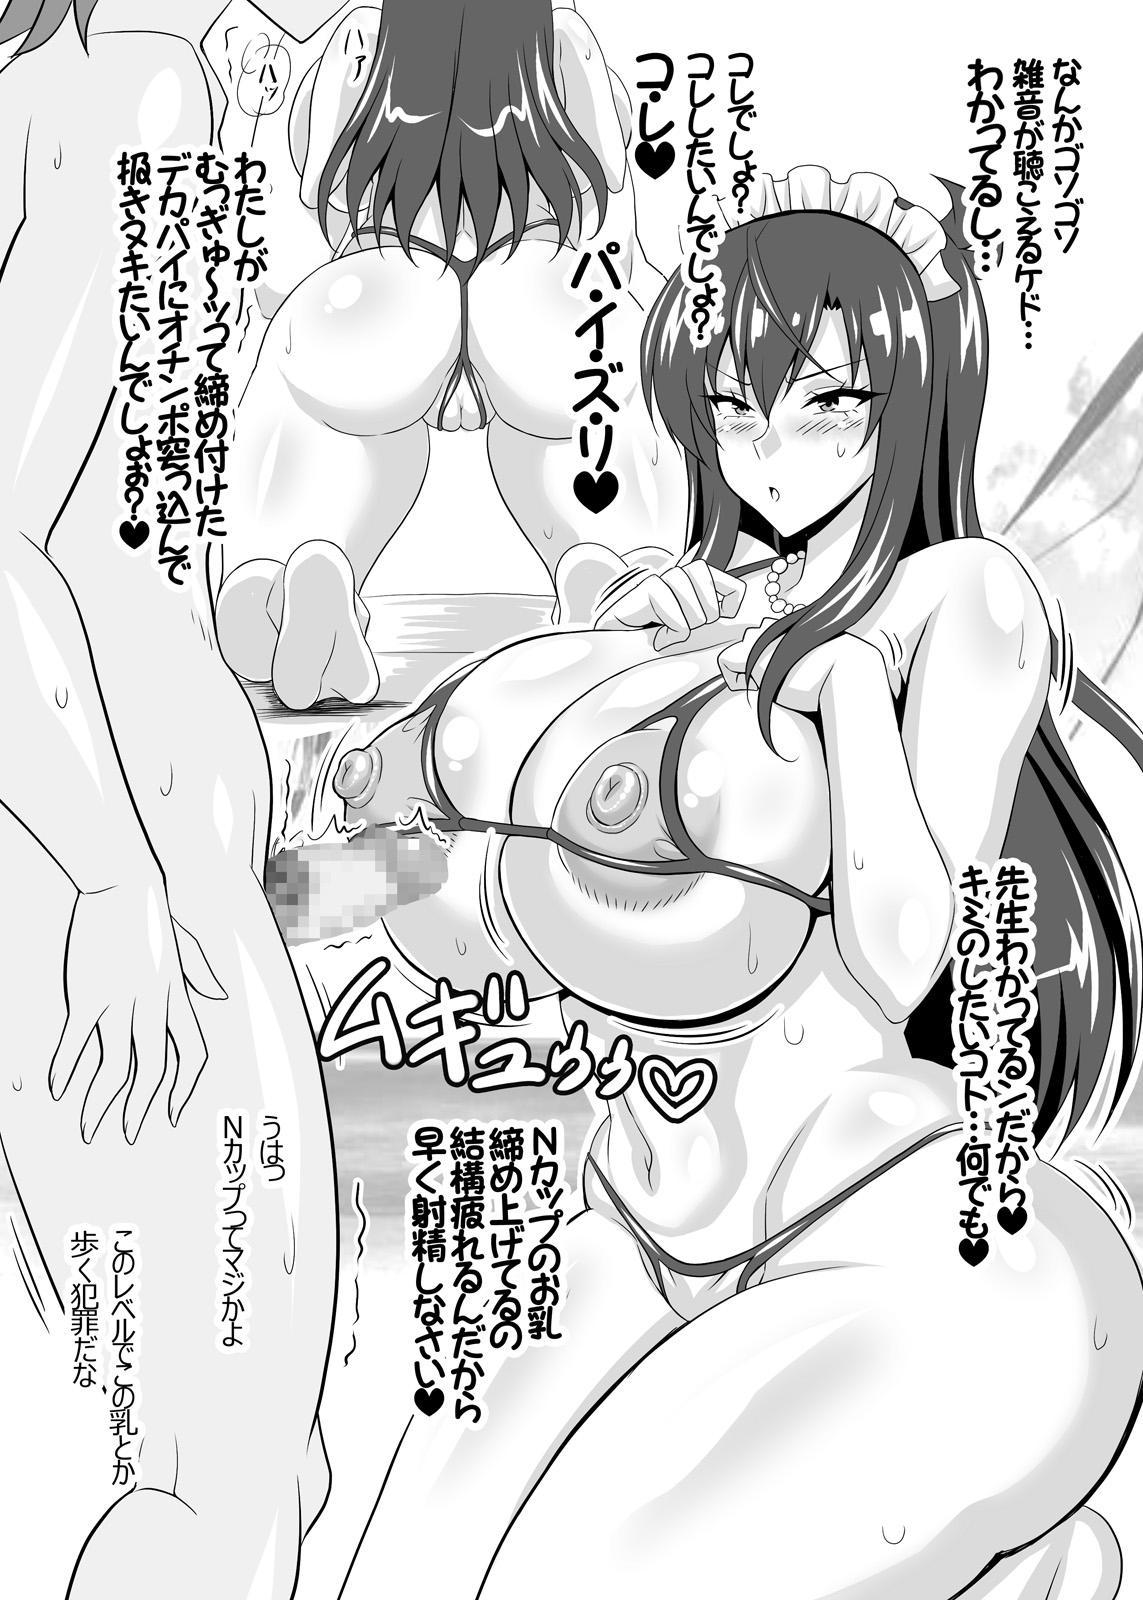 Boku dake no Bakunyuu Ona-maid Manatsu no Short Vacation Yuna Hen 8